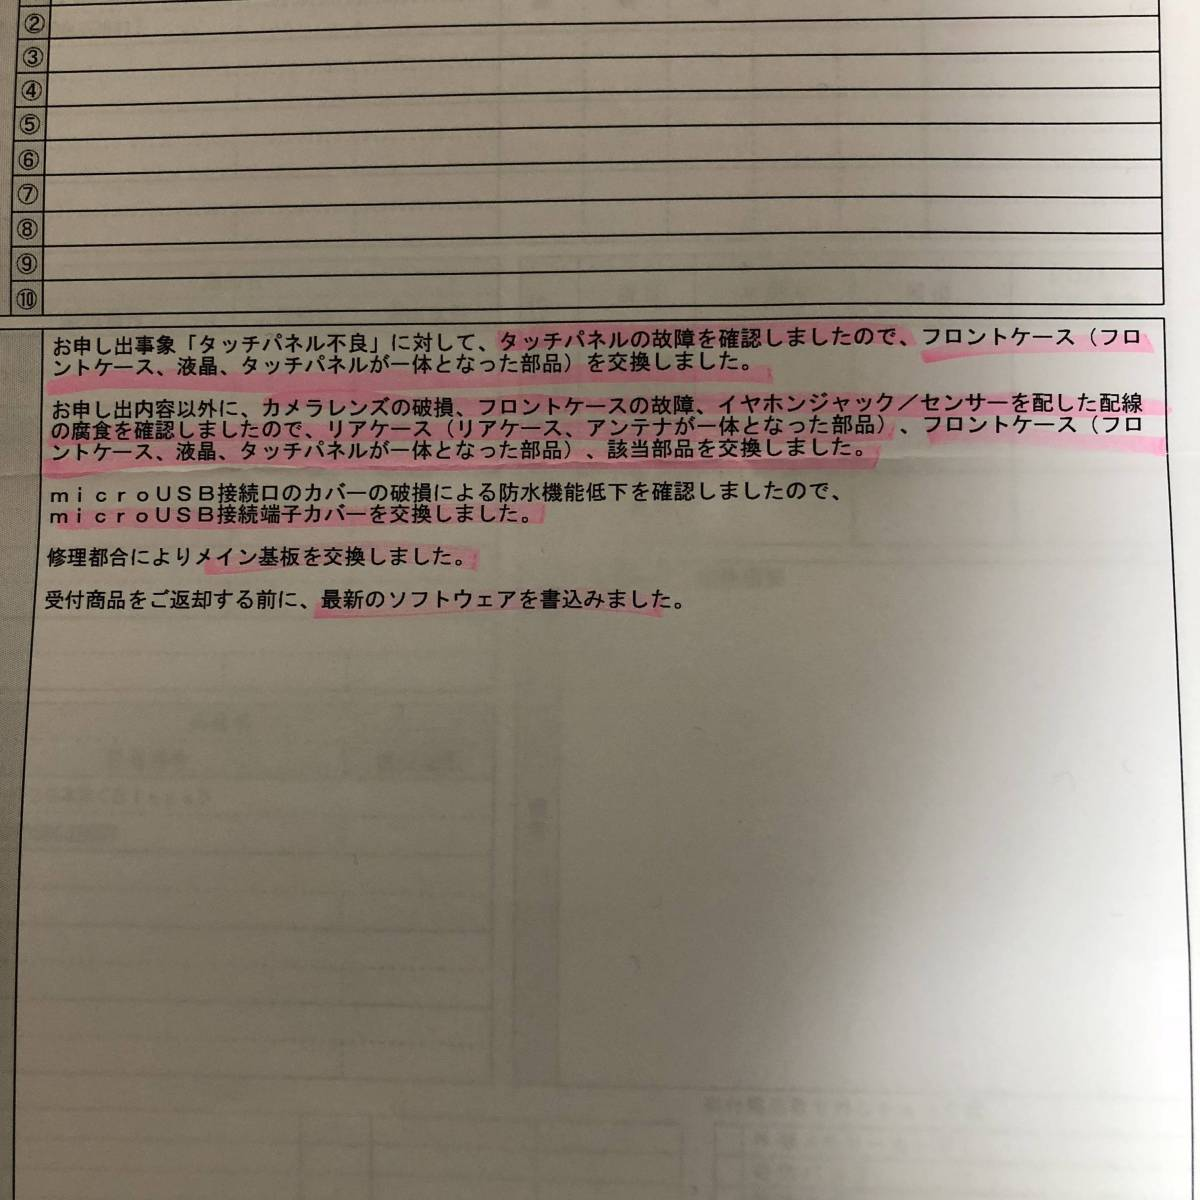 【新品同等品・送料無料】Xperia Z3 Compact SO-02G おまけ付き_画像4